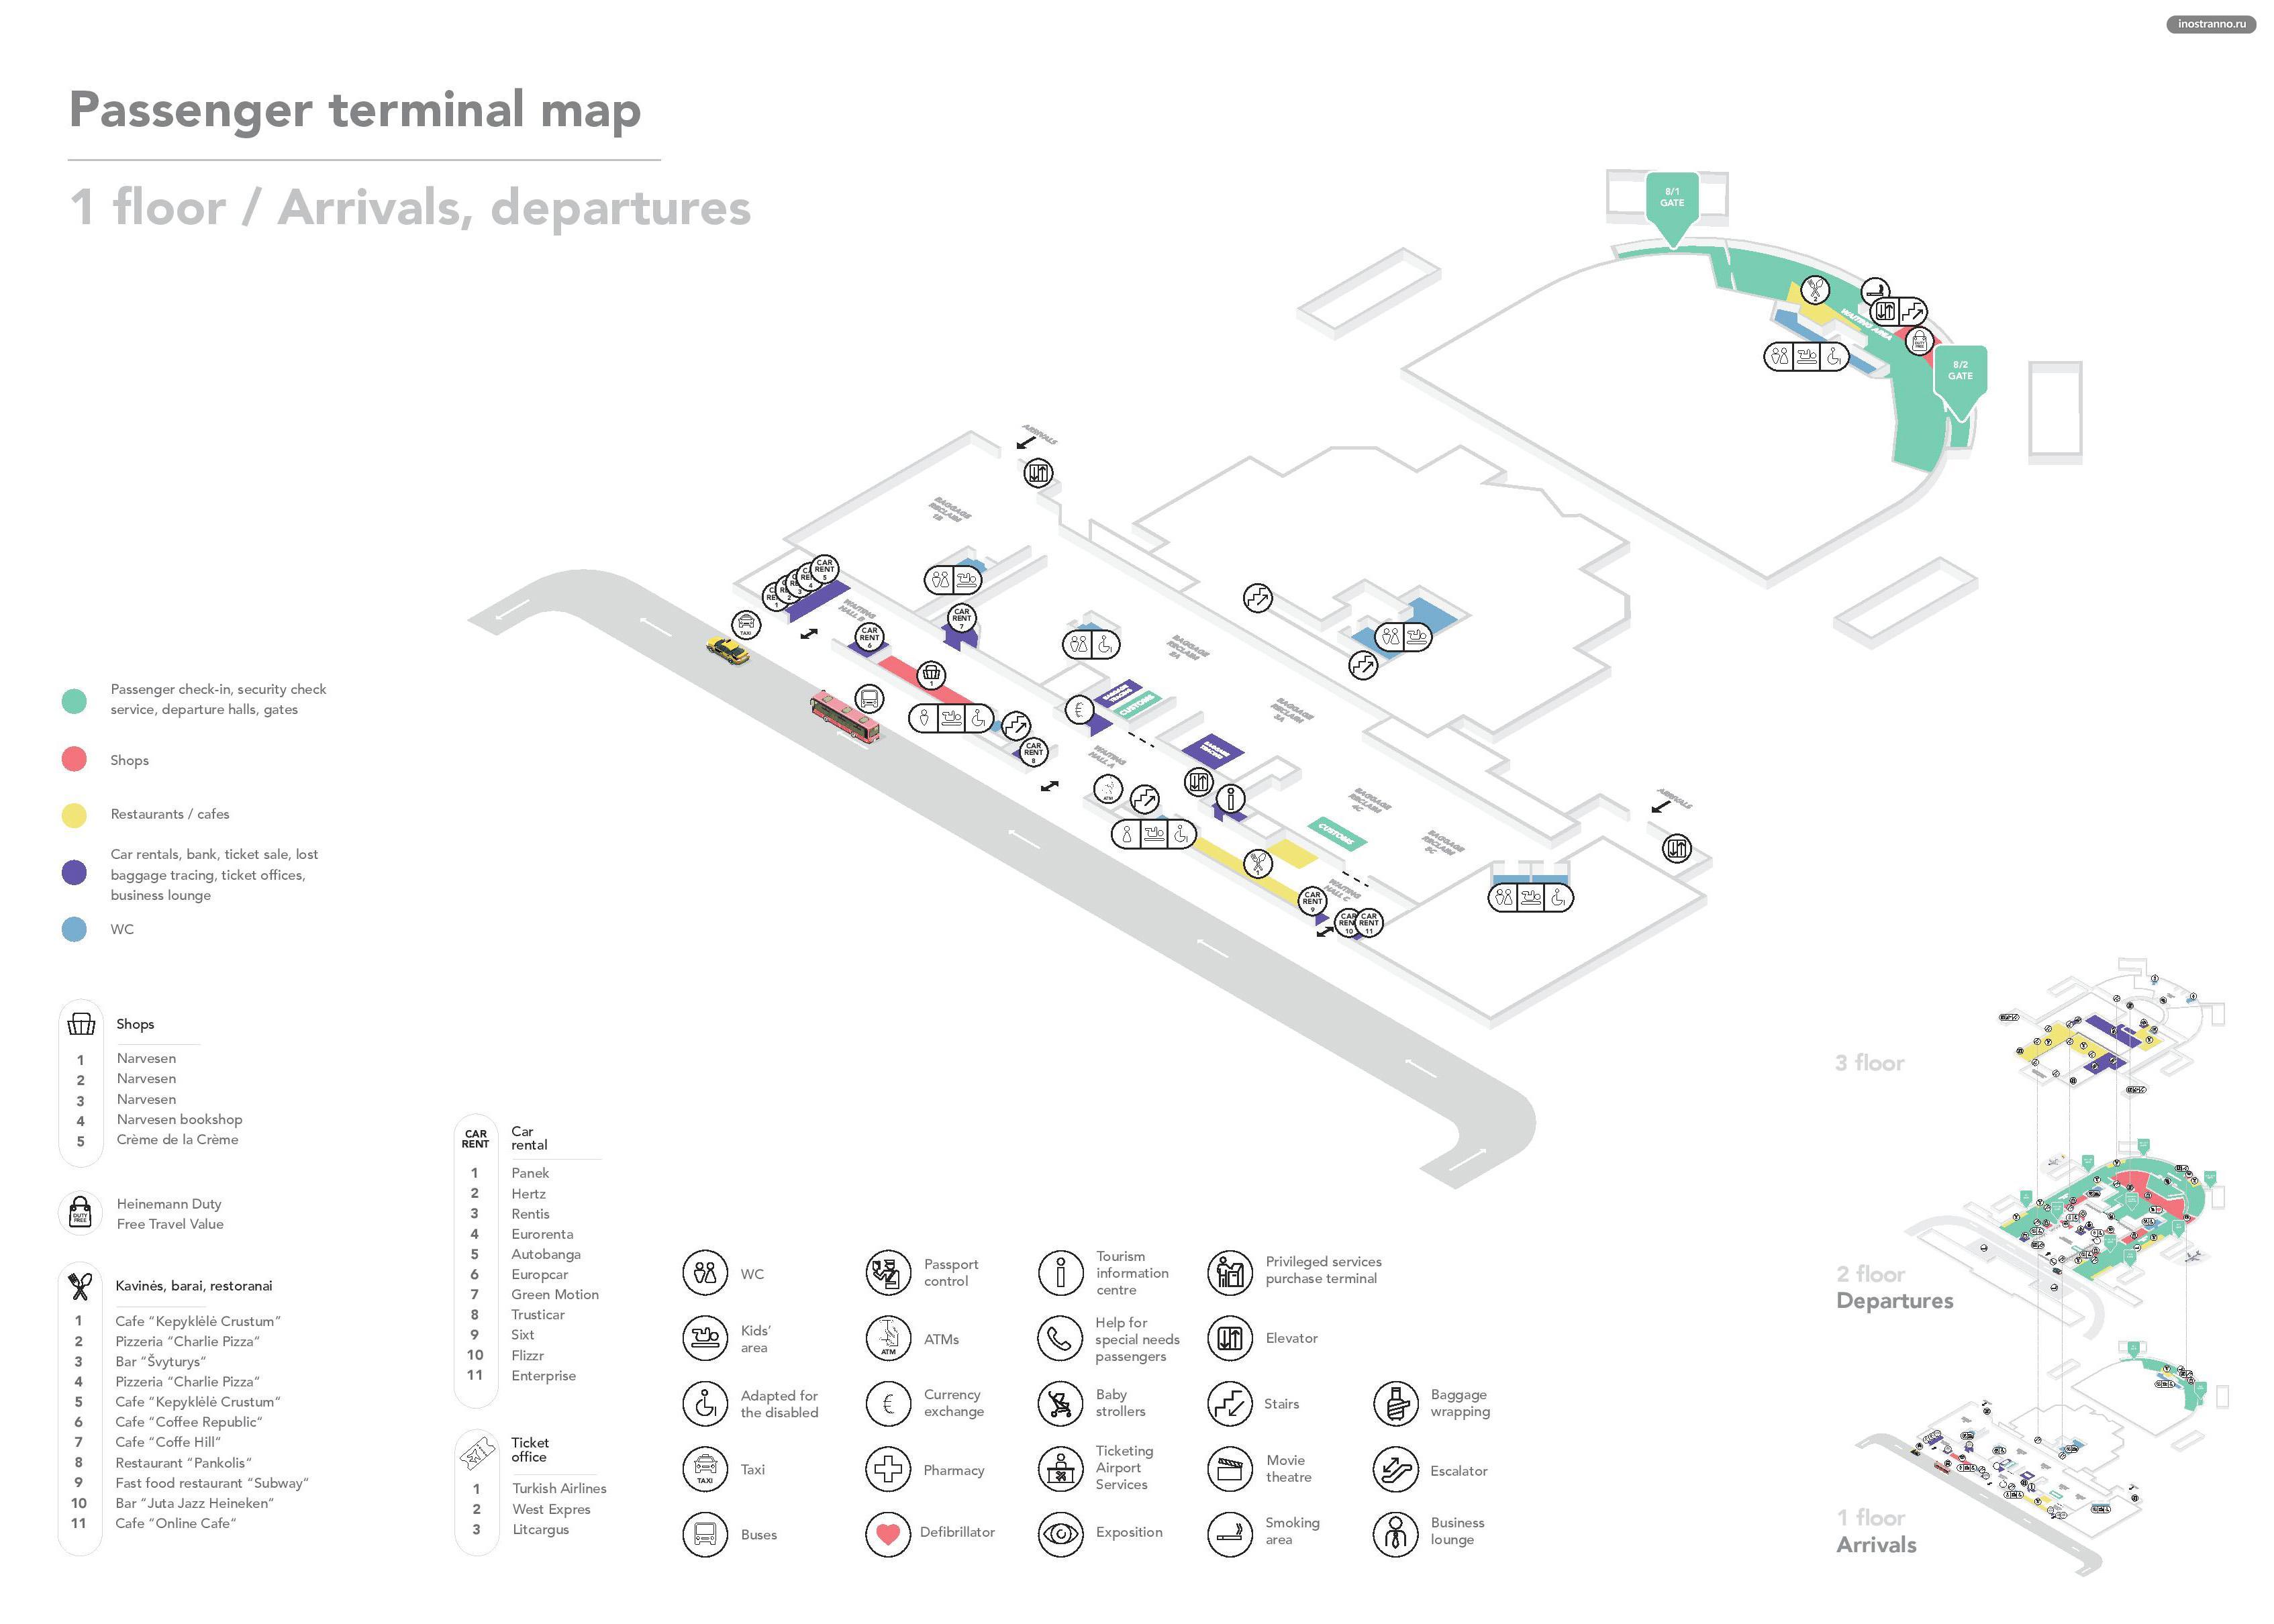 План терминала аэропорта Вильнюса